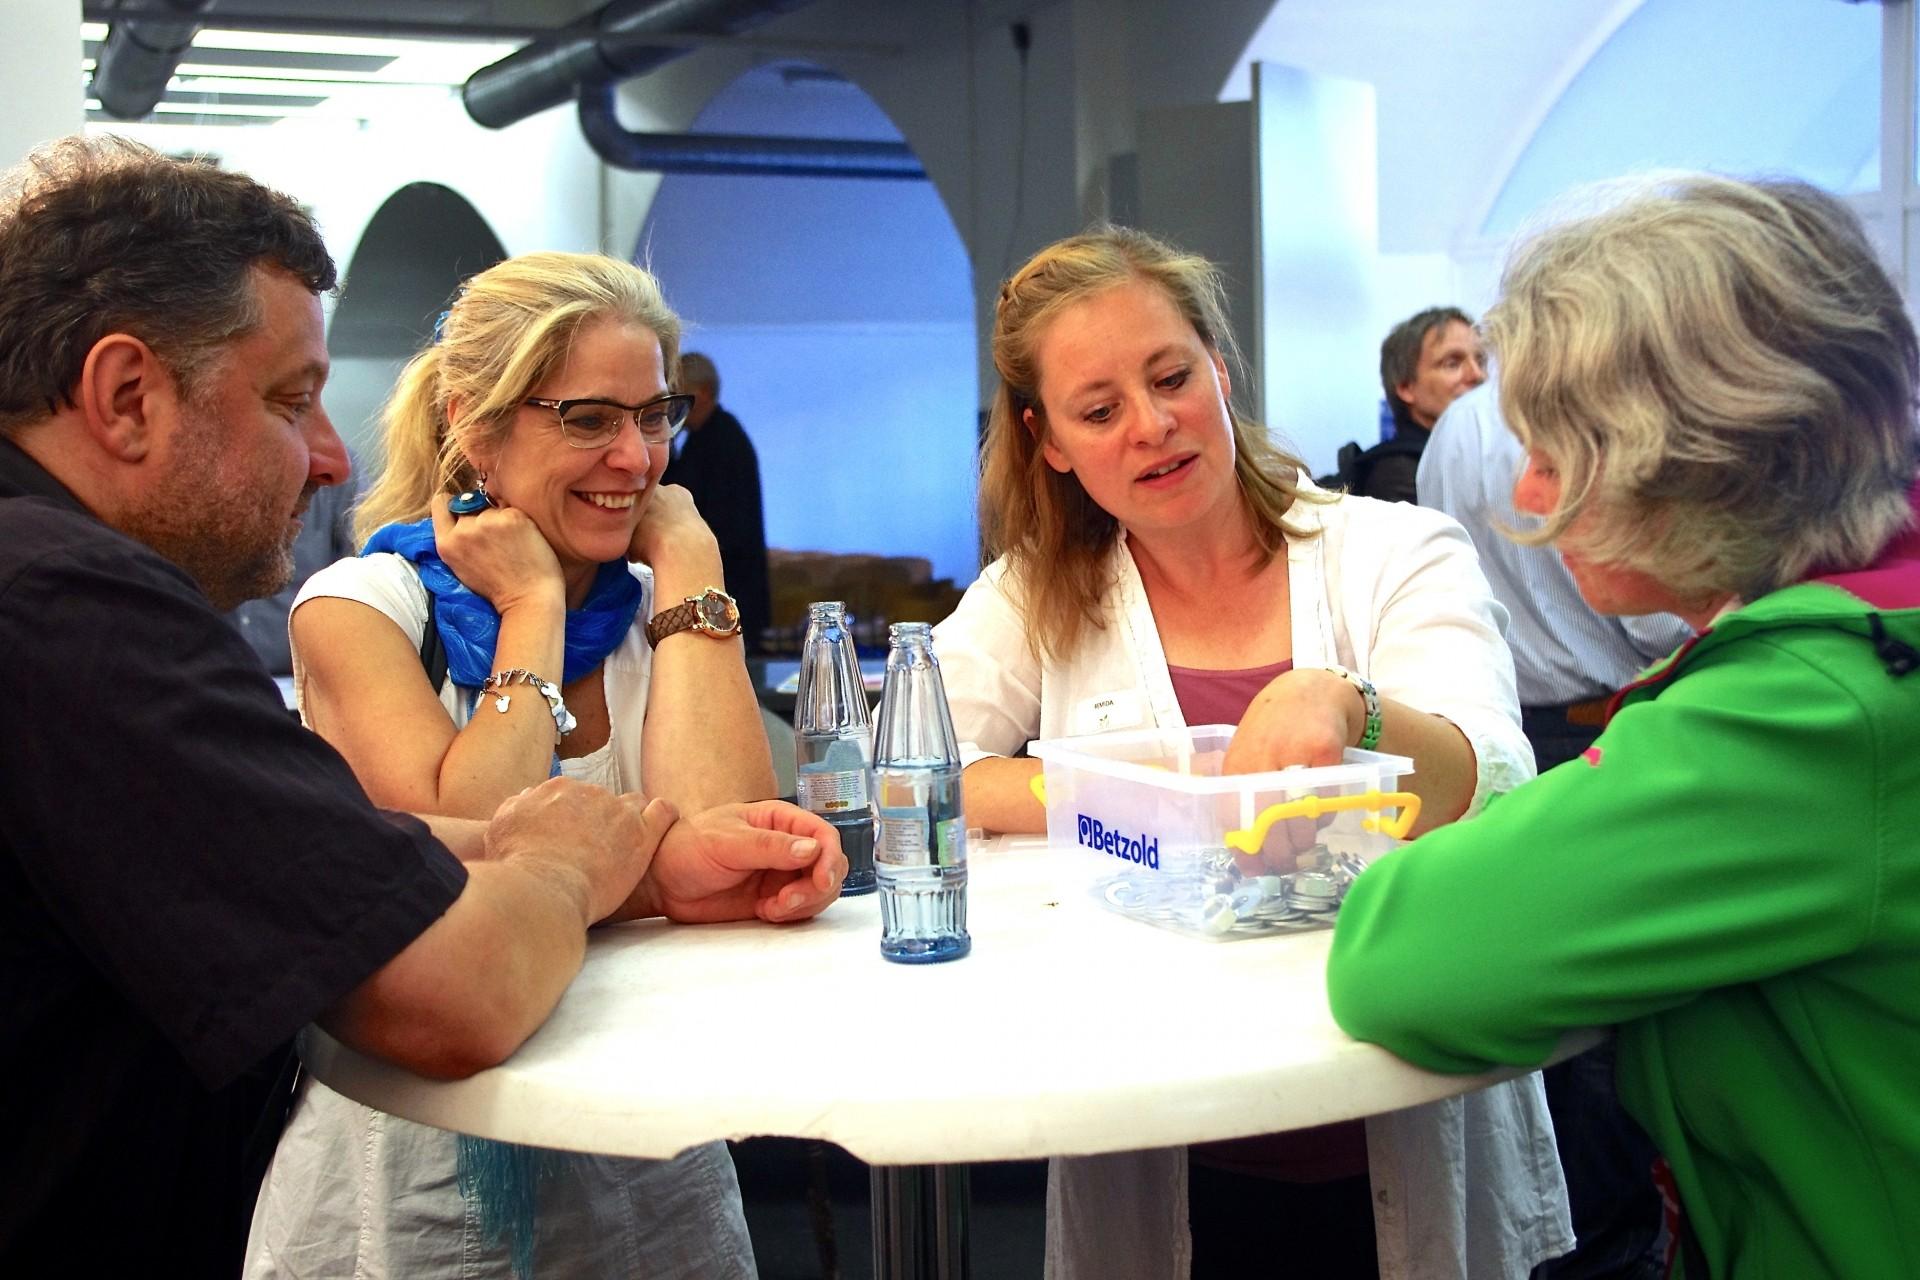 Projektaustausch auf der Projektbörse am 18. Juni 2014 - Foto: Axel Viola, Copyright: UNS/MUR